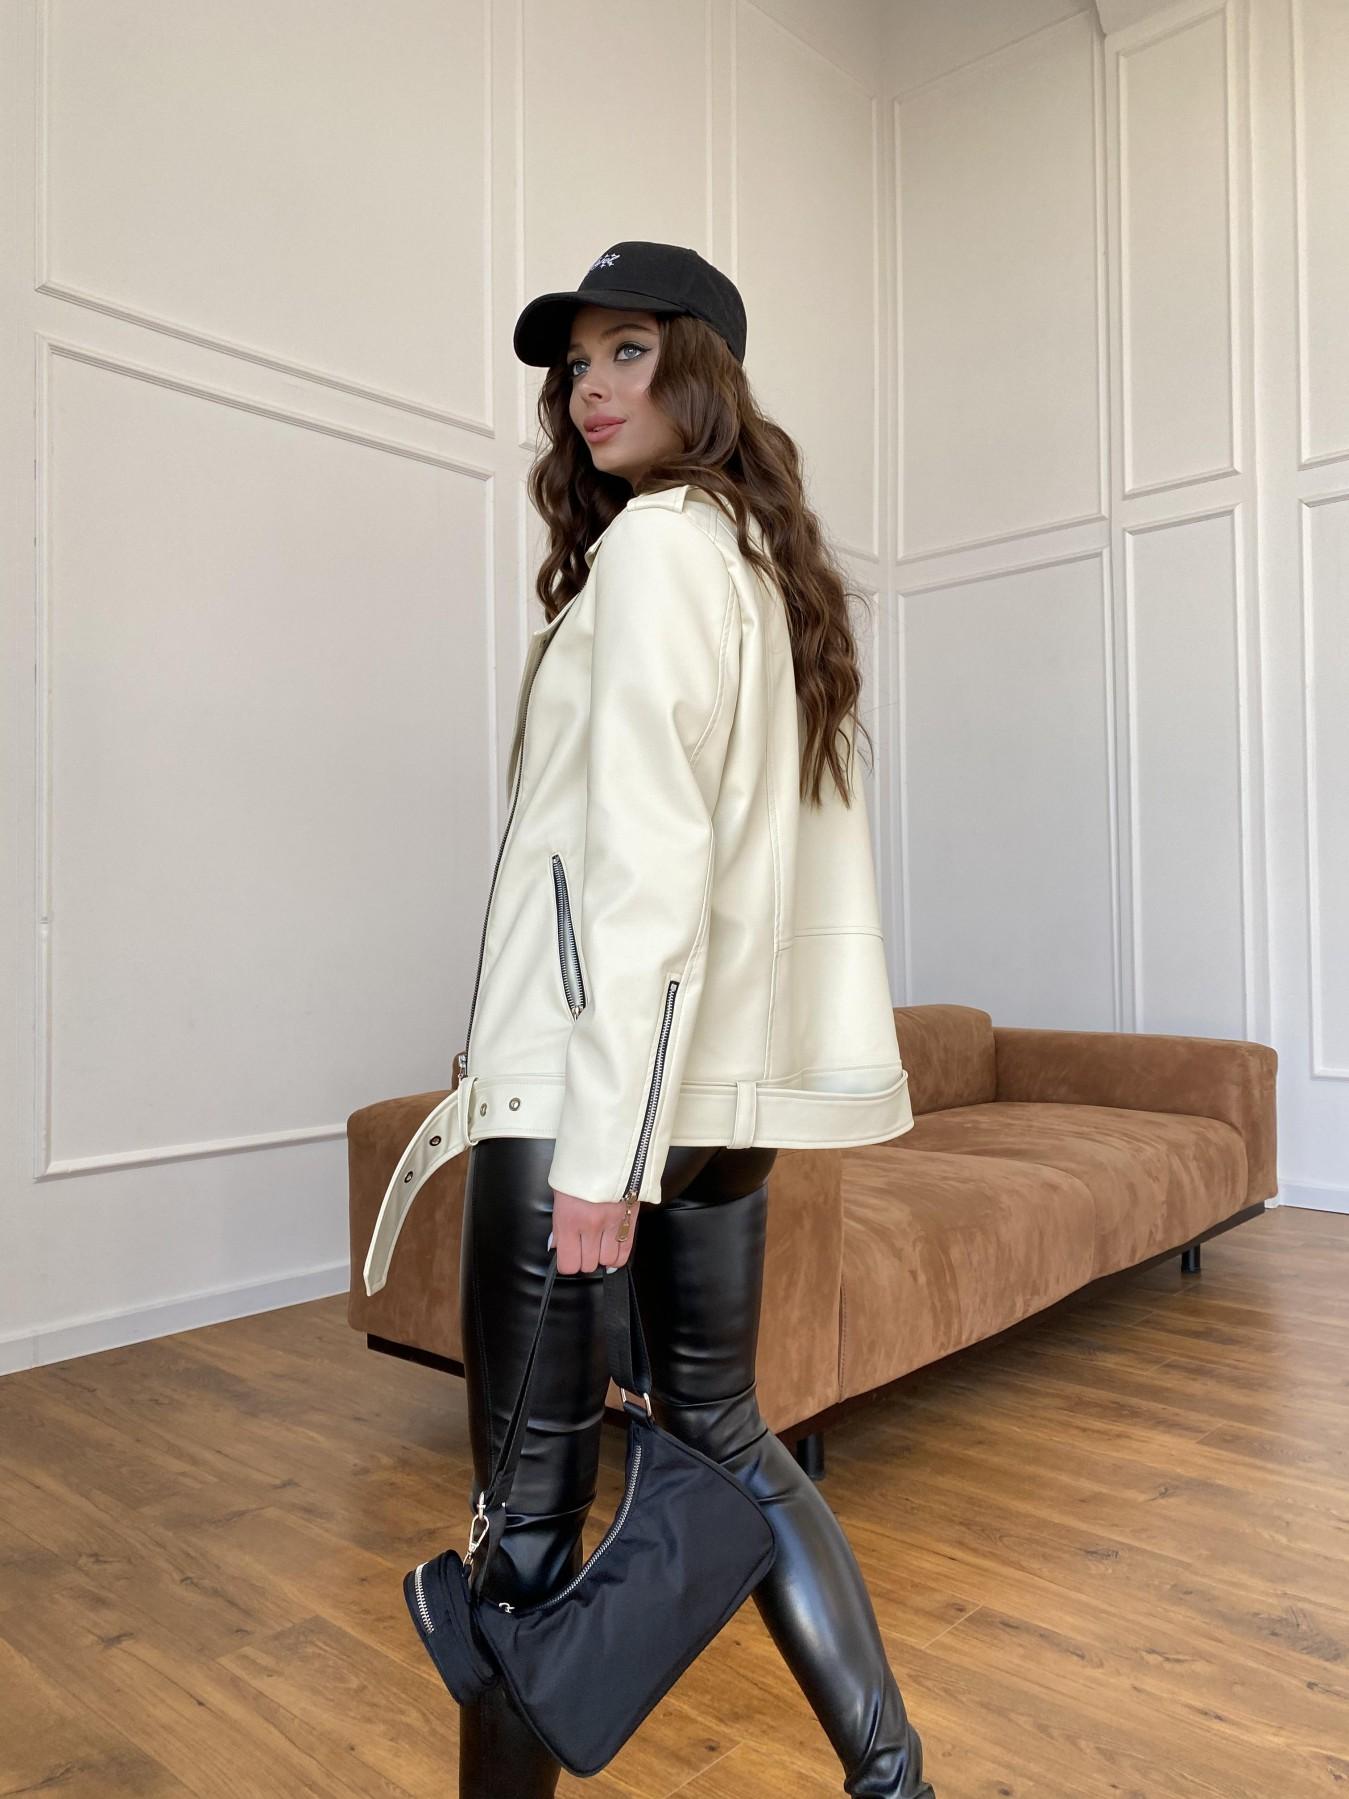 Босс куртка из экокожи прокатанной  11173 АРТ. 47771 Цвет: Бежевый Светлый - фото 5, интернет магазин tm-modus.ru